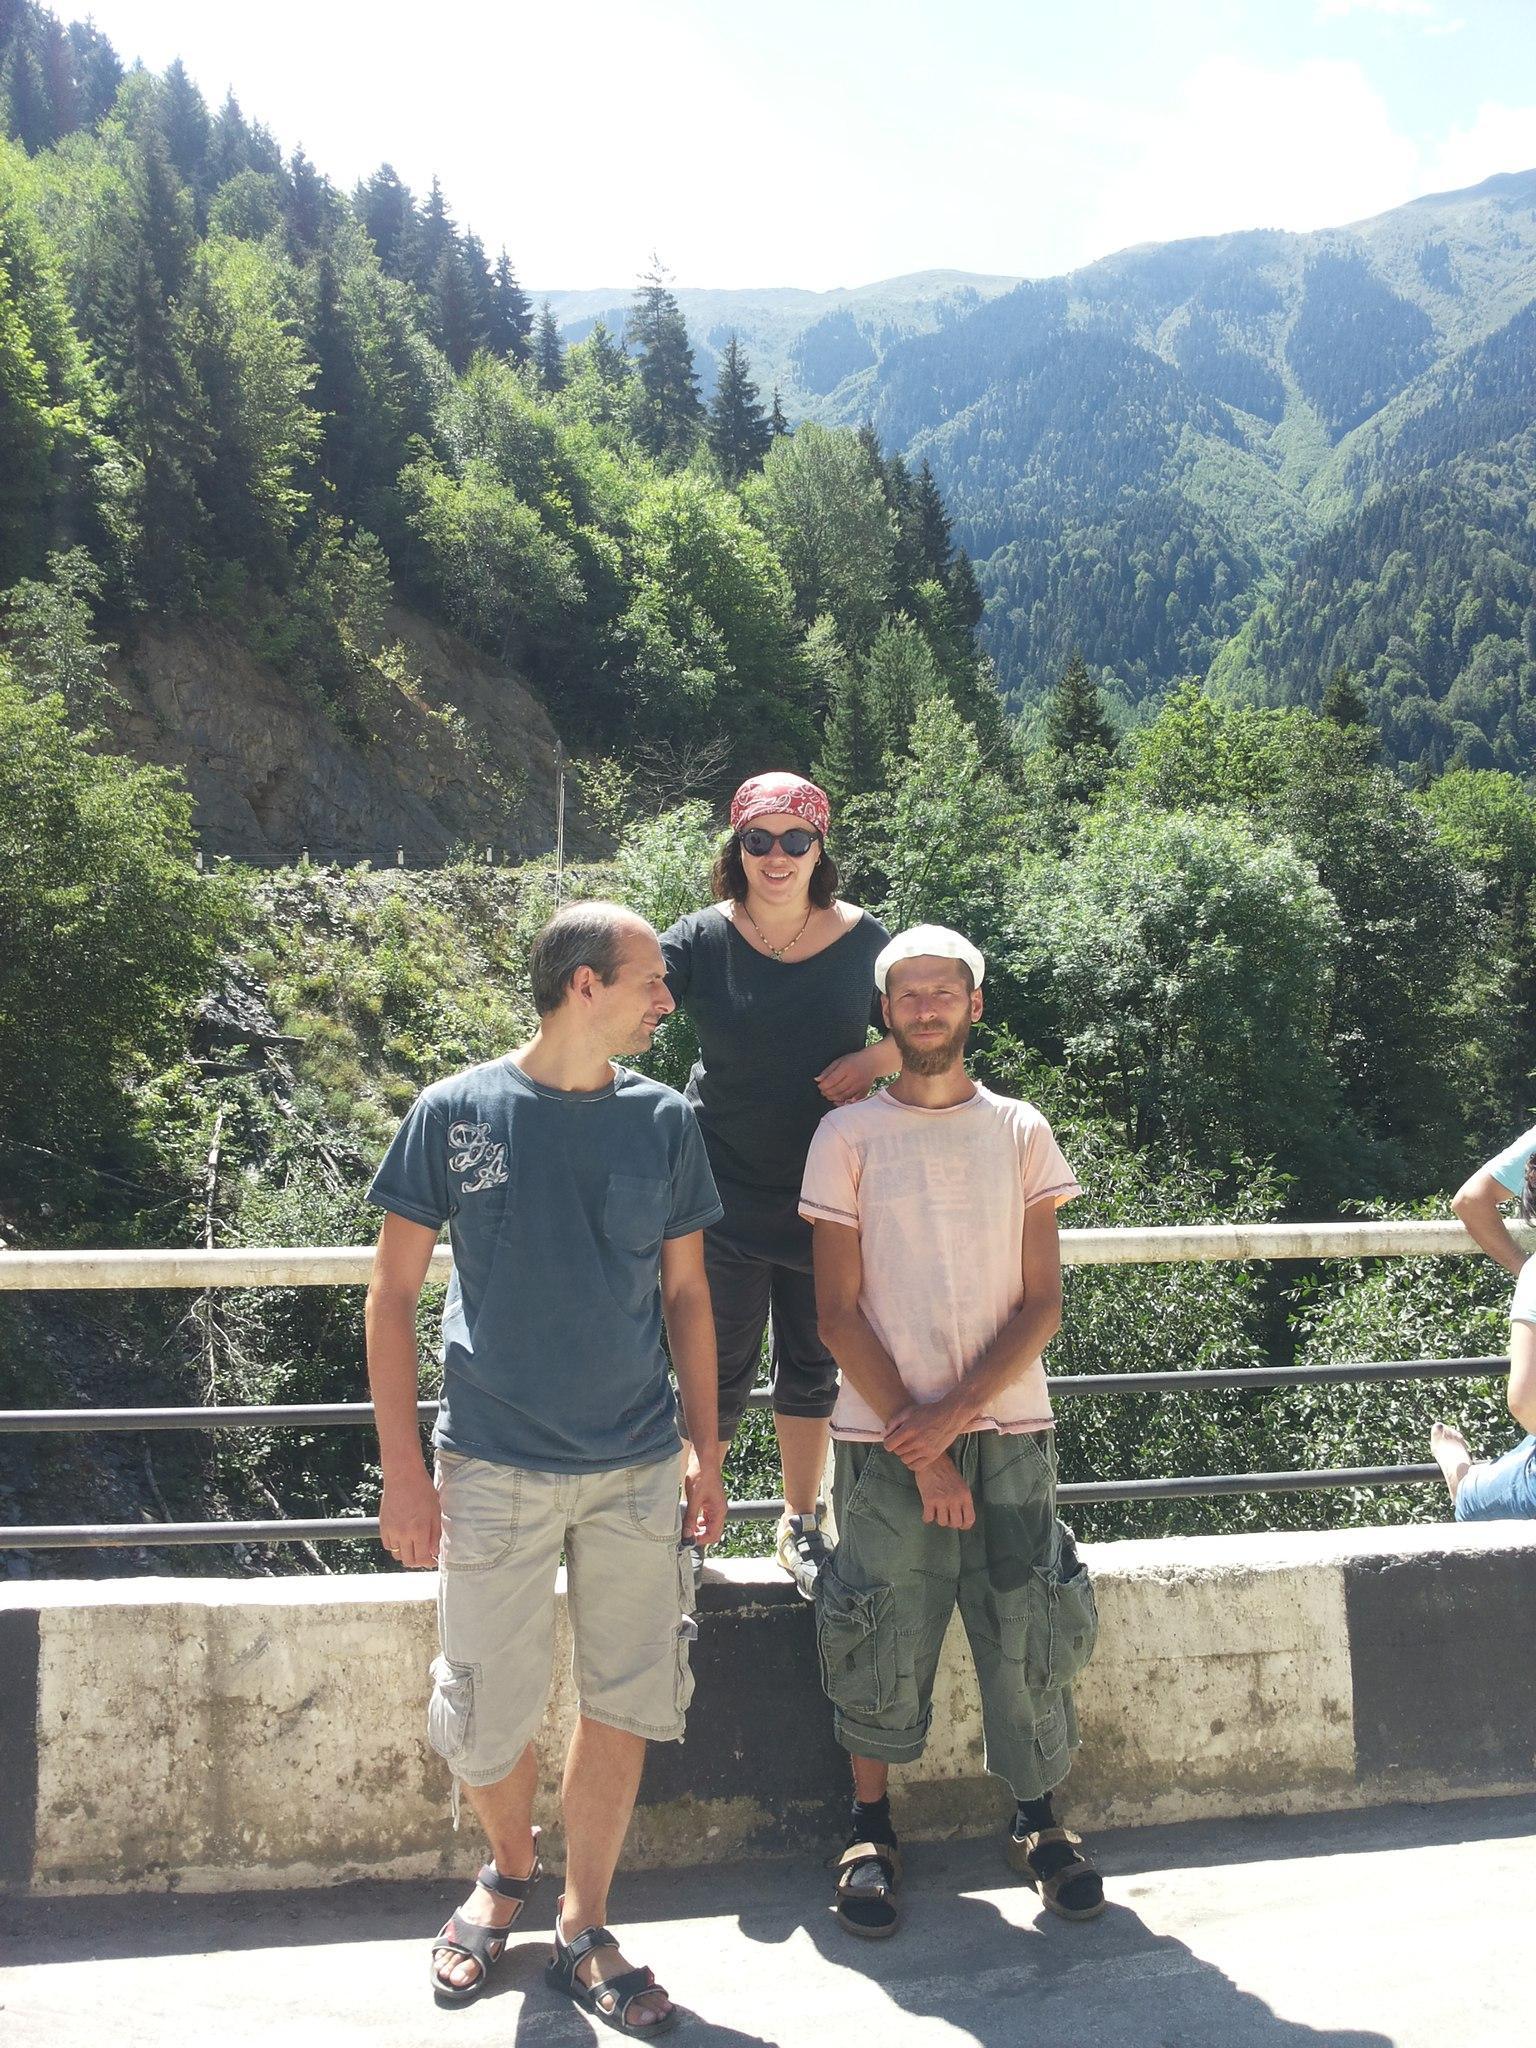 На фотографии, сделанной в начале августа 2015 года во время случайной встречи со своими друзьями на высоте 1000 метров в нижней части Сванетии (Грузия), виден карман штанов, который увлажнился от той самой тряпки в нём... Время было примерно час дня (то есть, как раз начало самого тёплого времени дня). Температура в тени - около 25-30 градусов. И я с утра уже прошёл по той главной дороге км 10-15 (ну симпатичные там места, что и идти приятно).